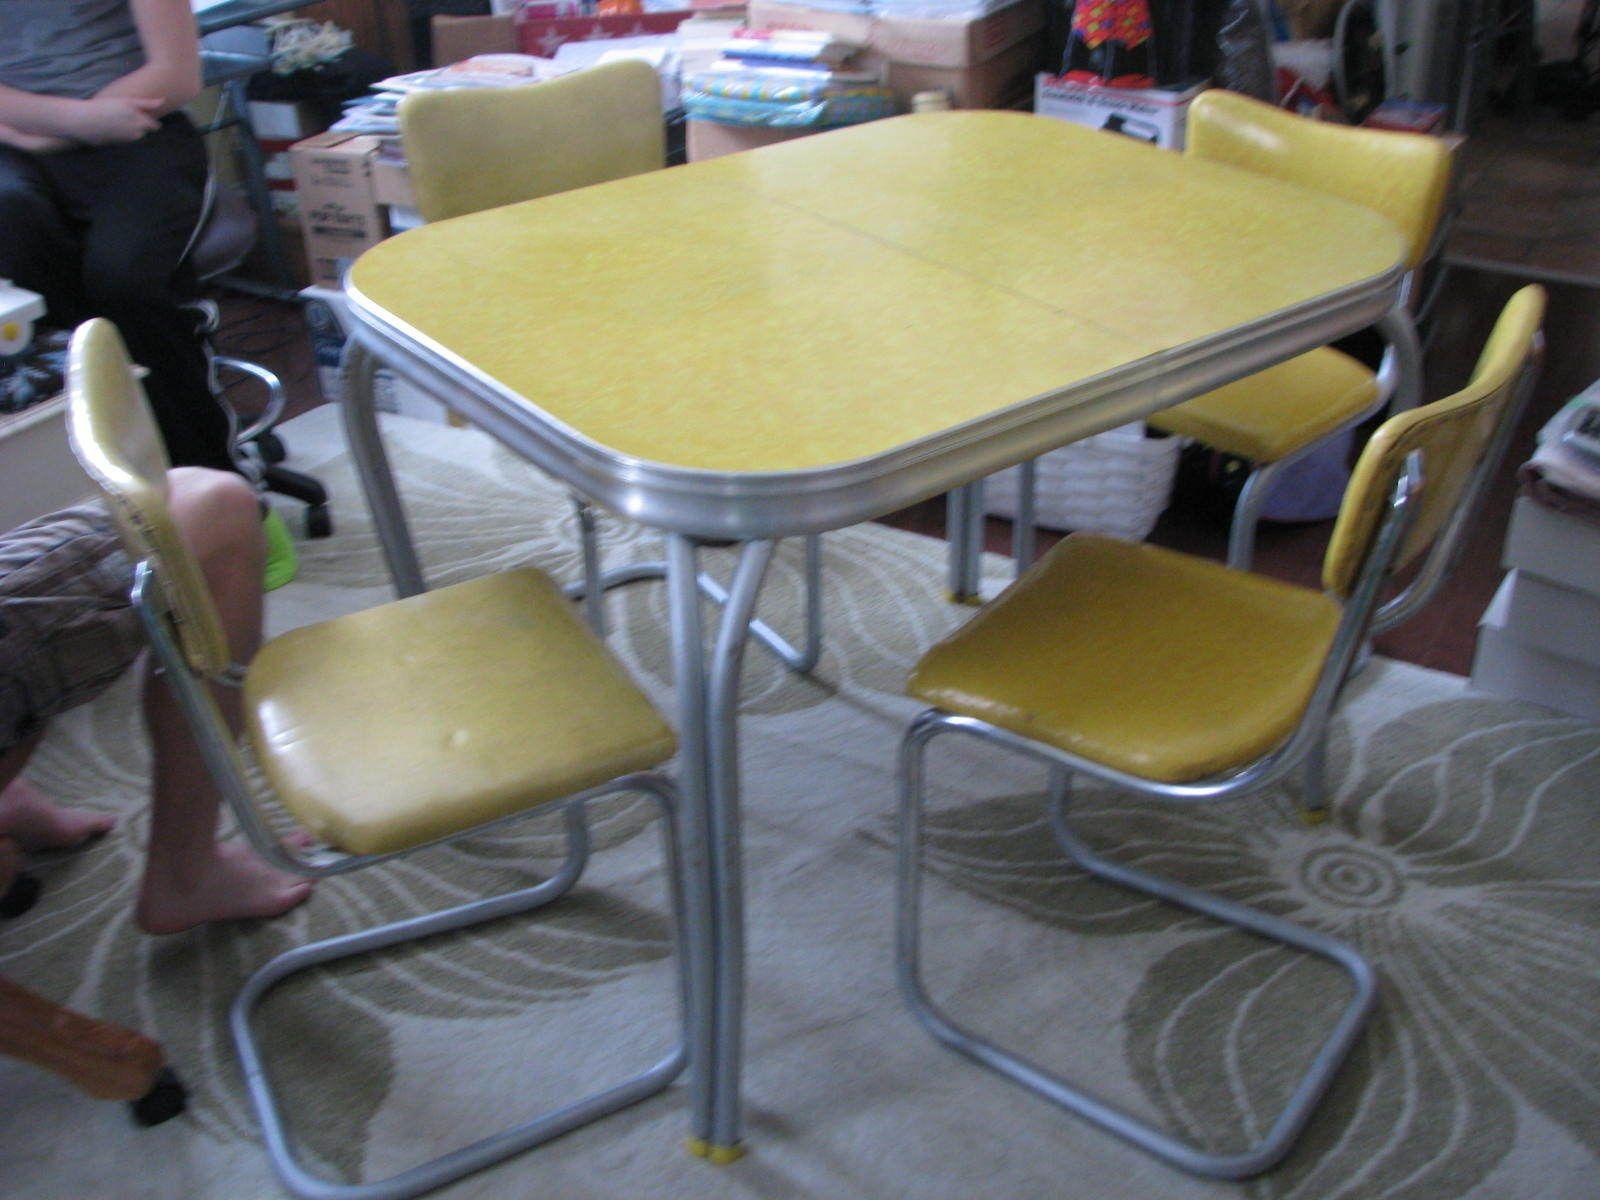 1950s retro vintage yellow chrome formica kitchen table